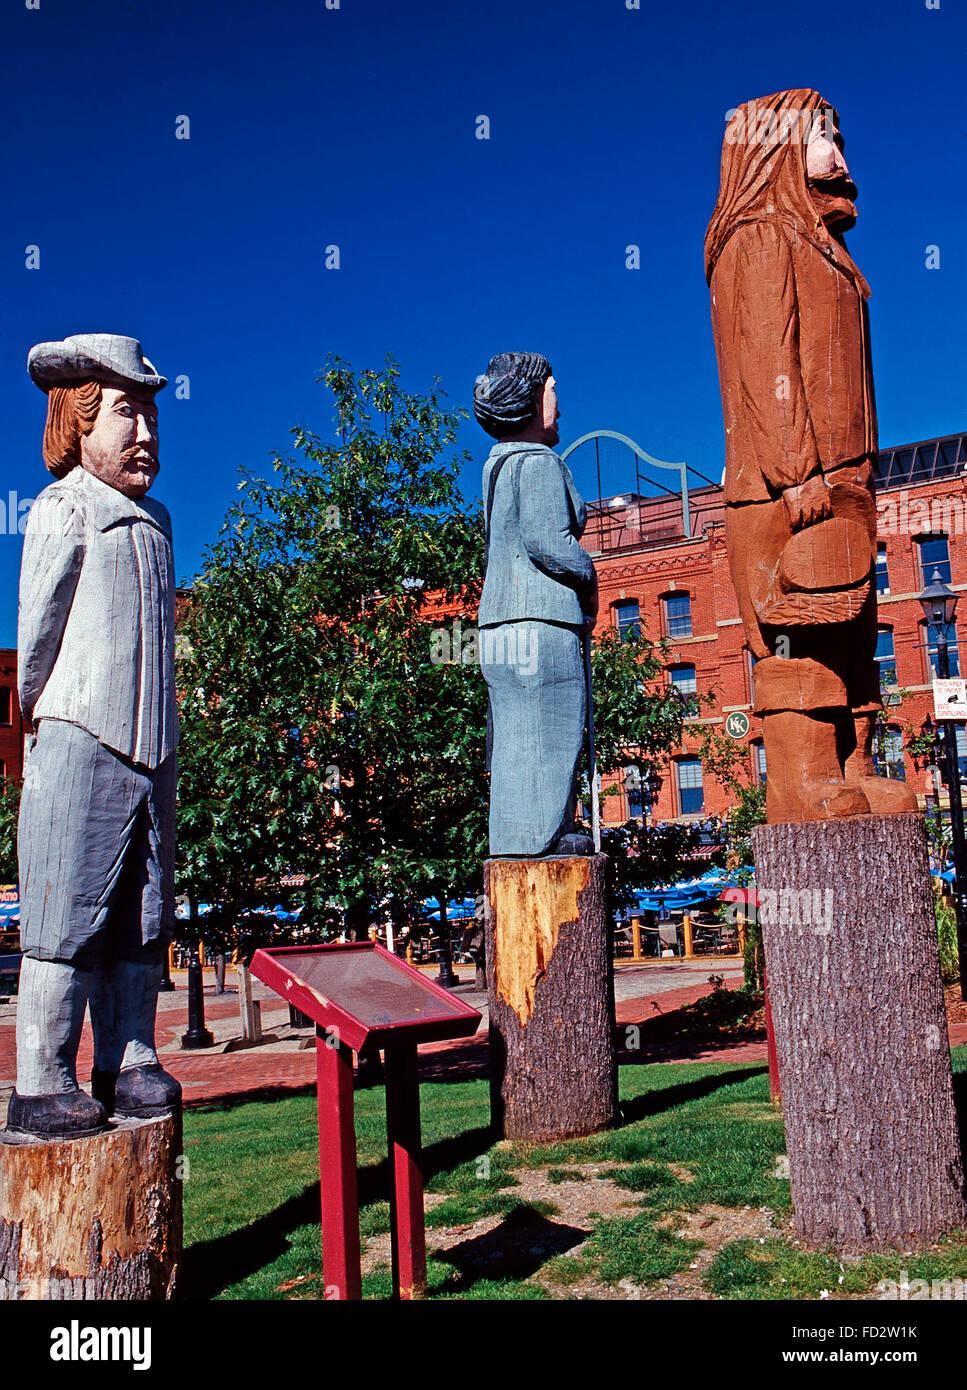 The Loyalists statue in Loyalist Plaza, Saint John,New Brunswick - Stock Image